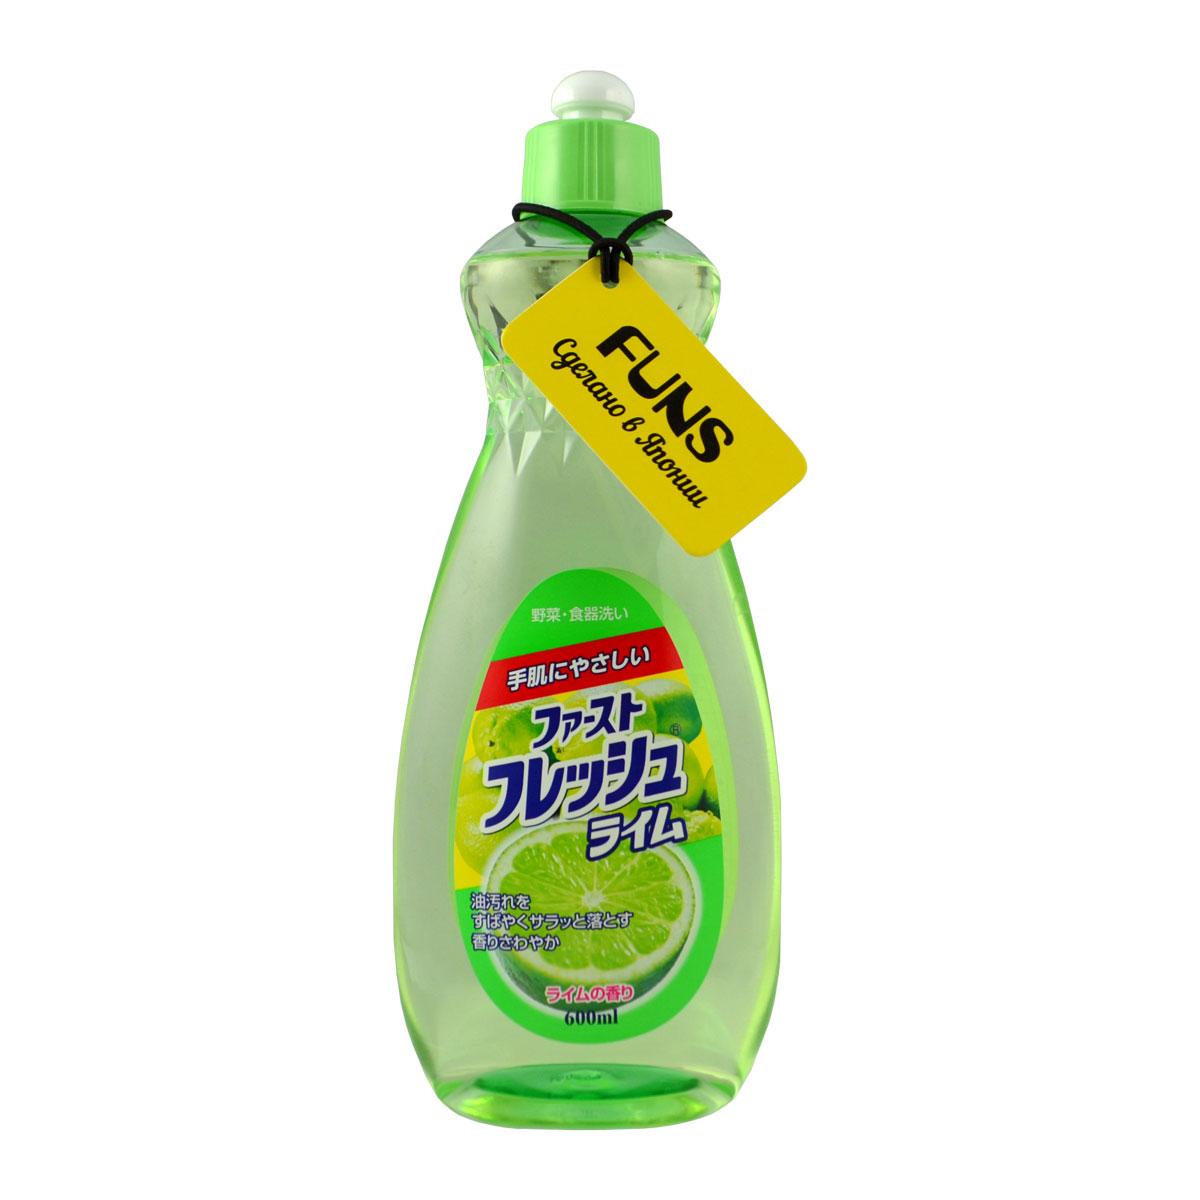 Жидкость для мытья посуды Funs, свежий лайм, 600 мл106038Жидкость для мытья посуды с ароматом лайма предназначена для мытья столовой посуды, посуды для приготовления пищи, овощей и фруктов. Средство полностью удаляет стойкие пятна жира и имеет приятный цитрусовый аромат. Экологически чистый продукт. Содержит растительный экстракт, безопасный для кожи. Не сушит и не раздражает кожу рук. Не оставляет запаха на овощах и фруктах. Прекрасно смывается водой с любой поверхности полностью и без остатка. Подходит для мытья детской посуды и аксессуаров для кормления новорожденных. Способ применения: На 1 л воды использовать 1.5 мл средства (примерно 1 чайная ложка). Способ хранения: хранить в недоступном для детей месте. Избегать воздействия прямых солнечных лучей на упаковку.